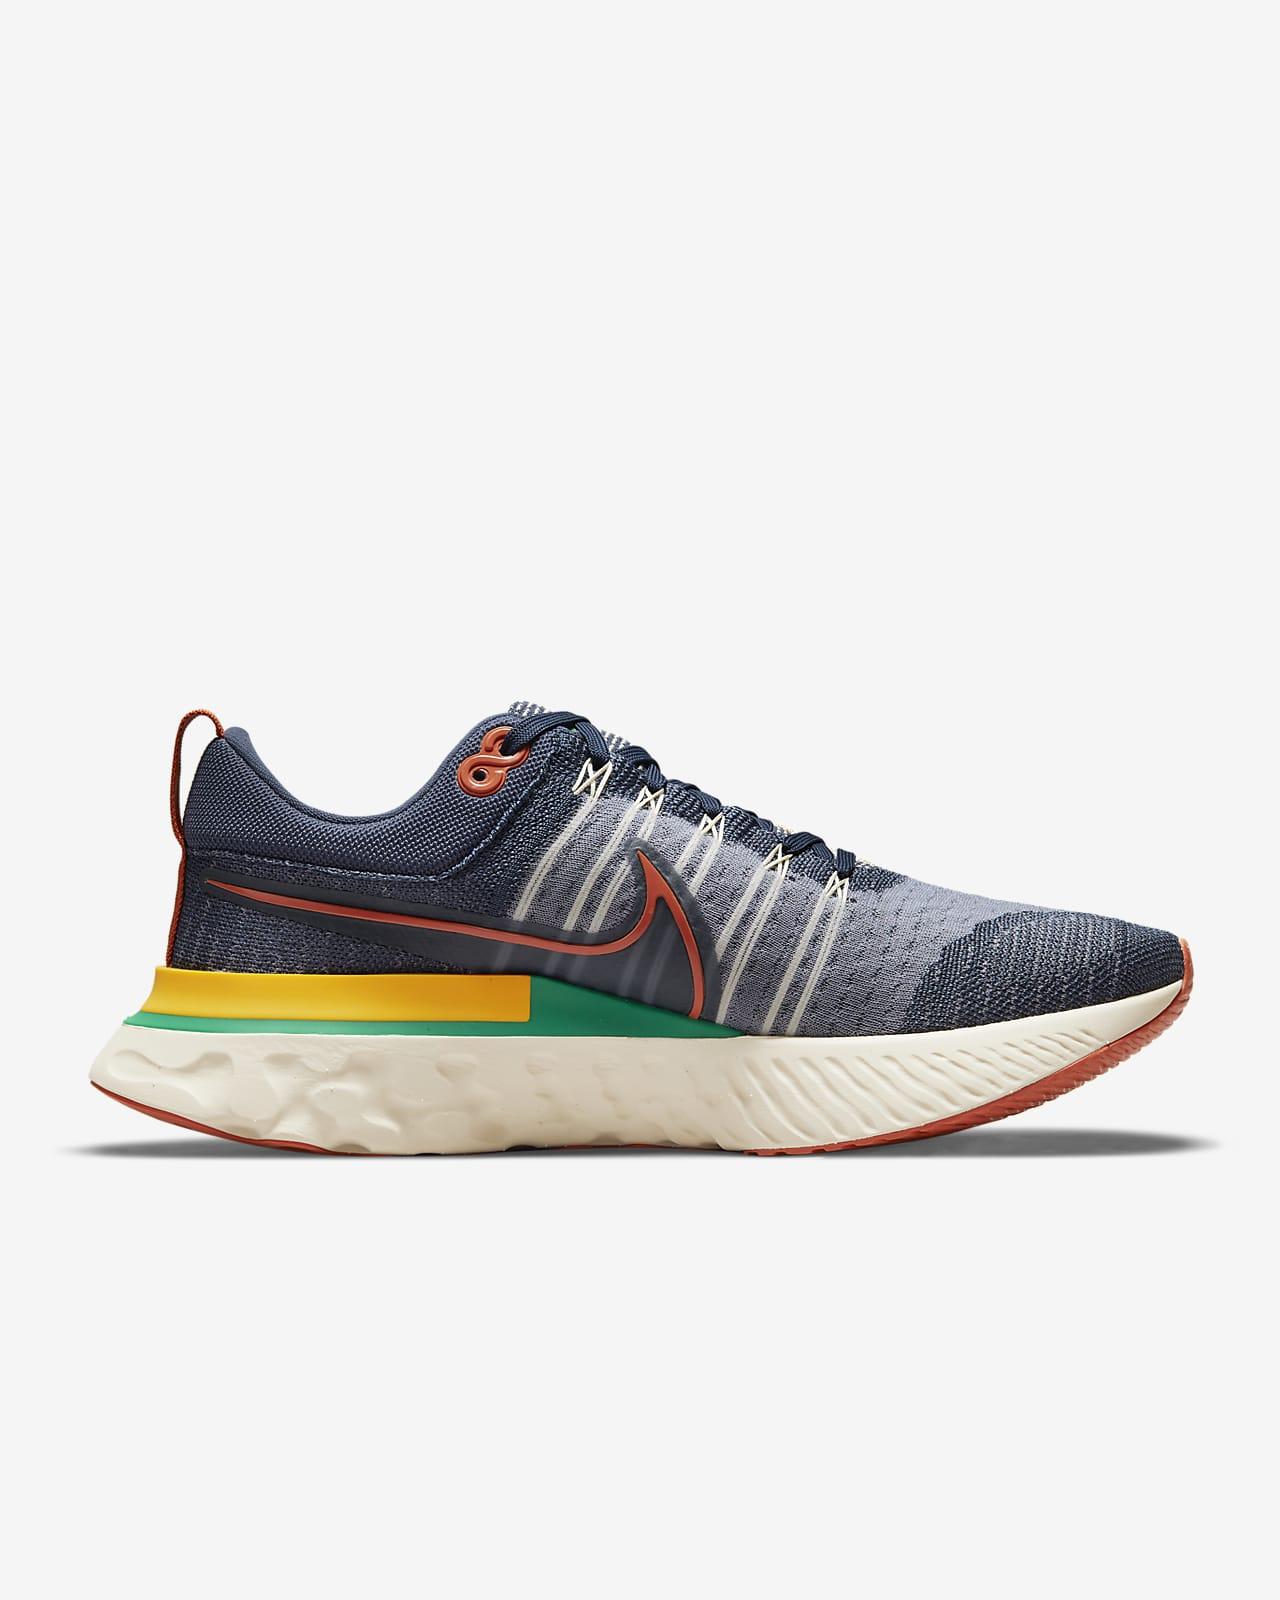 Nike React Infinity Run Flyknit 2 Men's Running Shoe. Nike LU